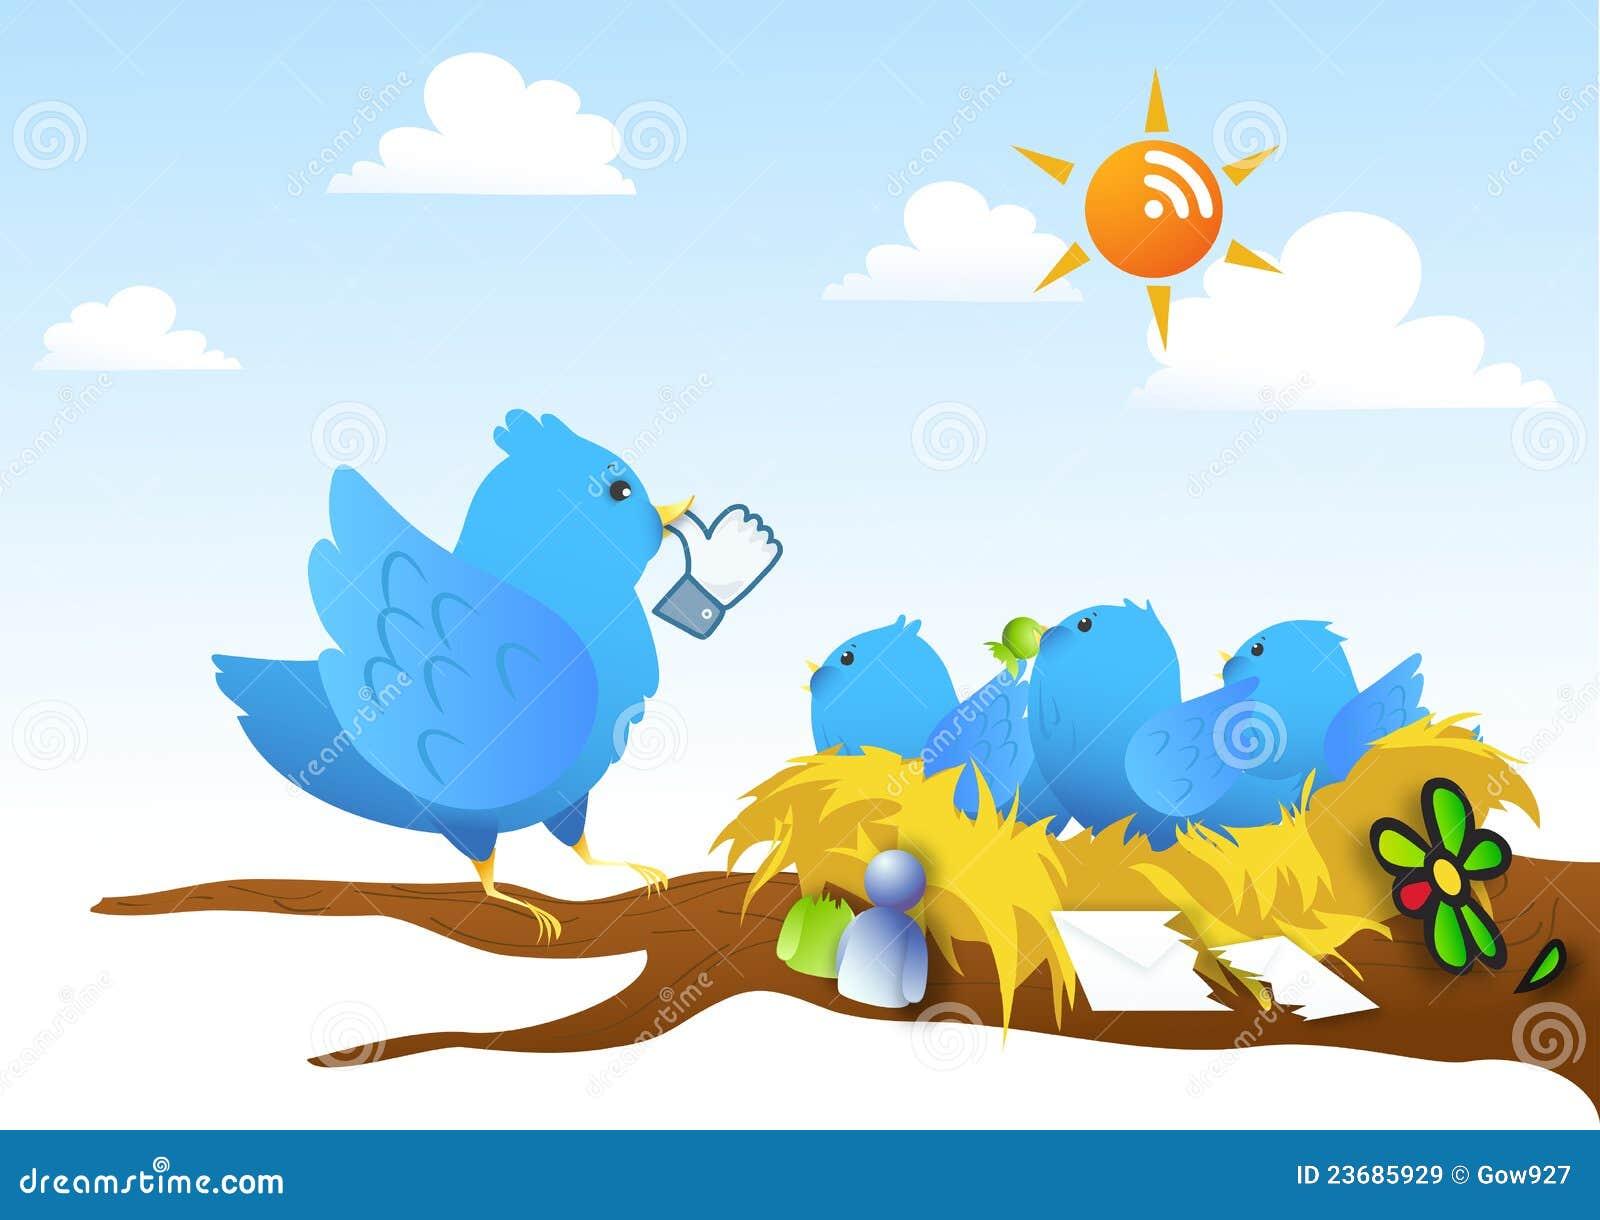 Parodia - rivali sociali della rete